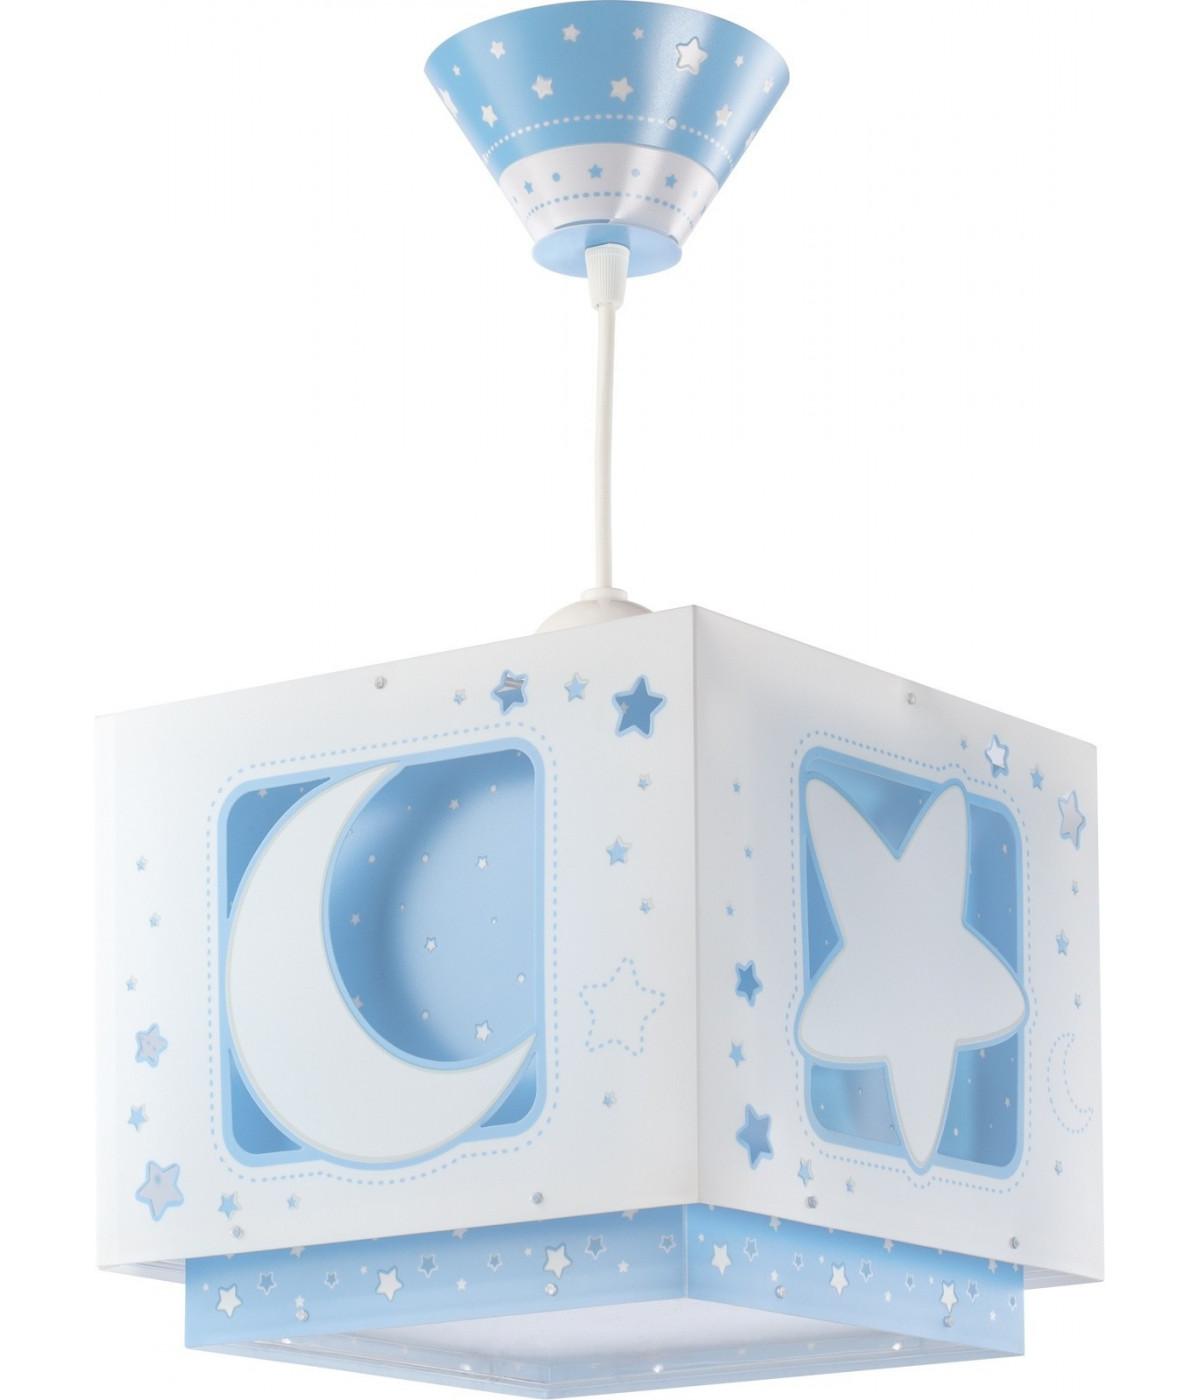 Candeeiro infantil de tecto luas e estrelas Moonlight azul